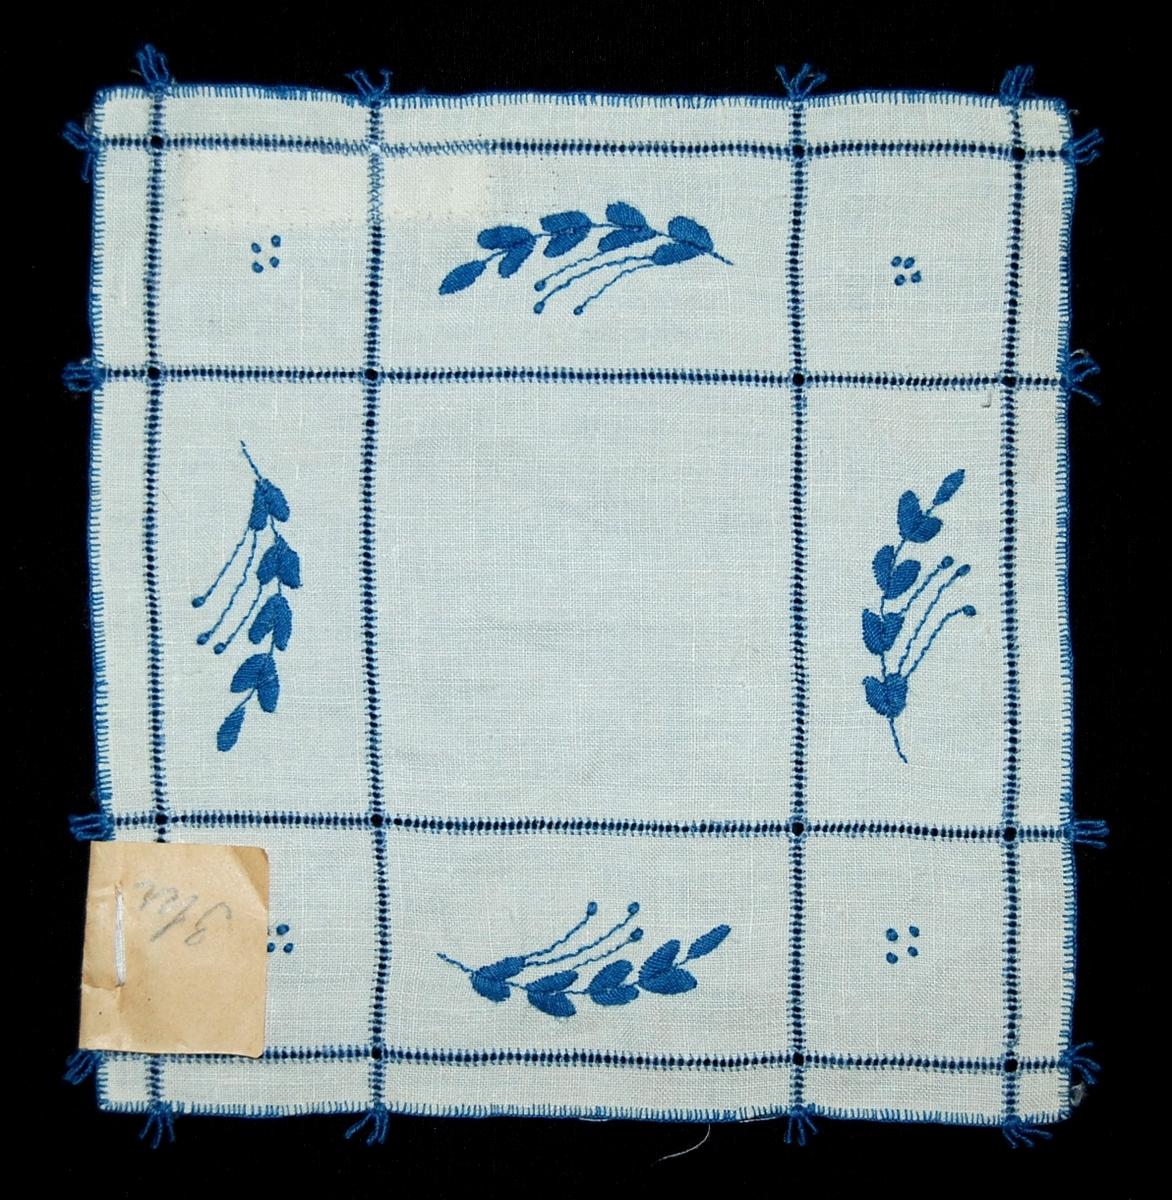 """Av vit linnelärft, rutindelning sydd i enkel utdragssöm med blått bomullsgarn, i rutorna bladkvistar resp. små prickar broderade i plattsöm och stjälksöm med blått garn, langettsöm runtom, små sydda """"tofsar"""" i kanten. Prislapp fastnålad: 3 kr, skrivet med blyerts."""